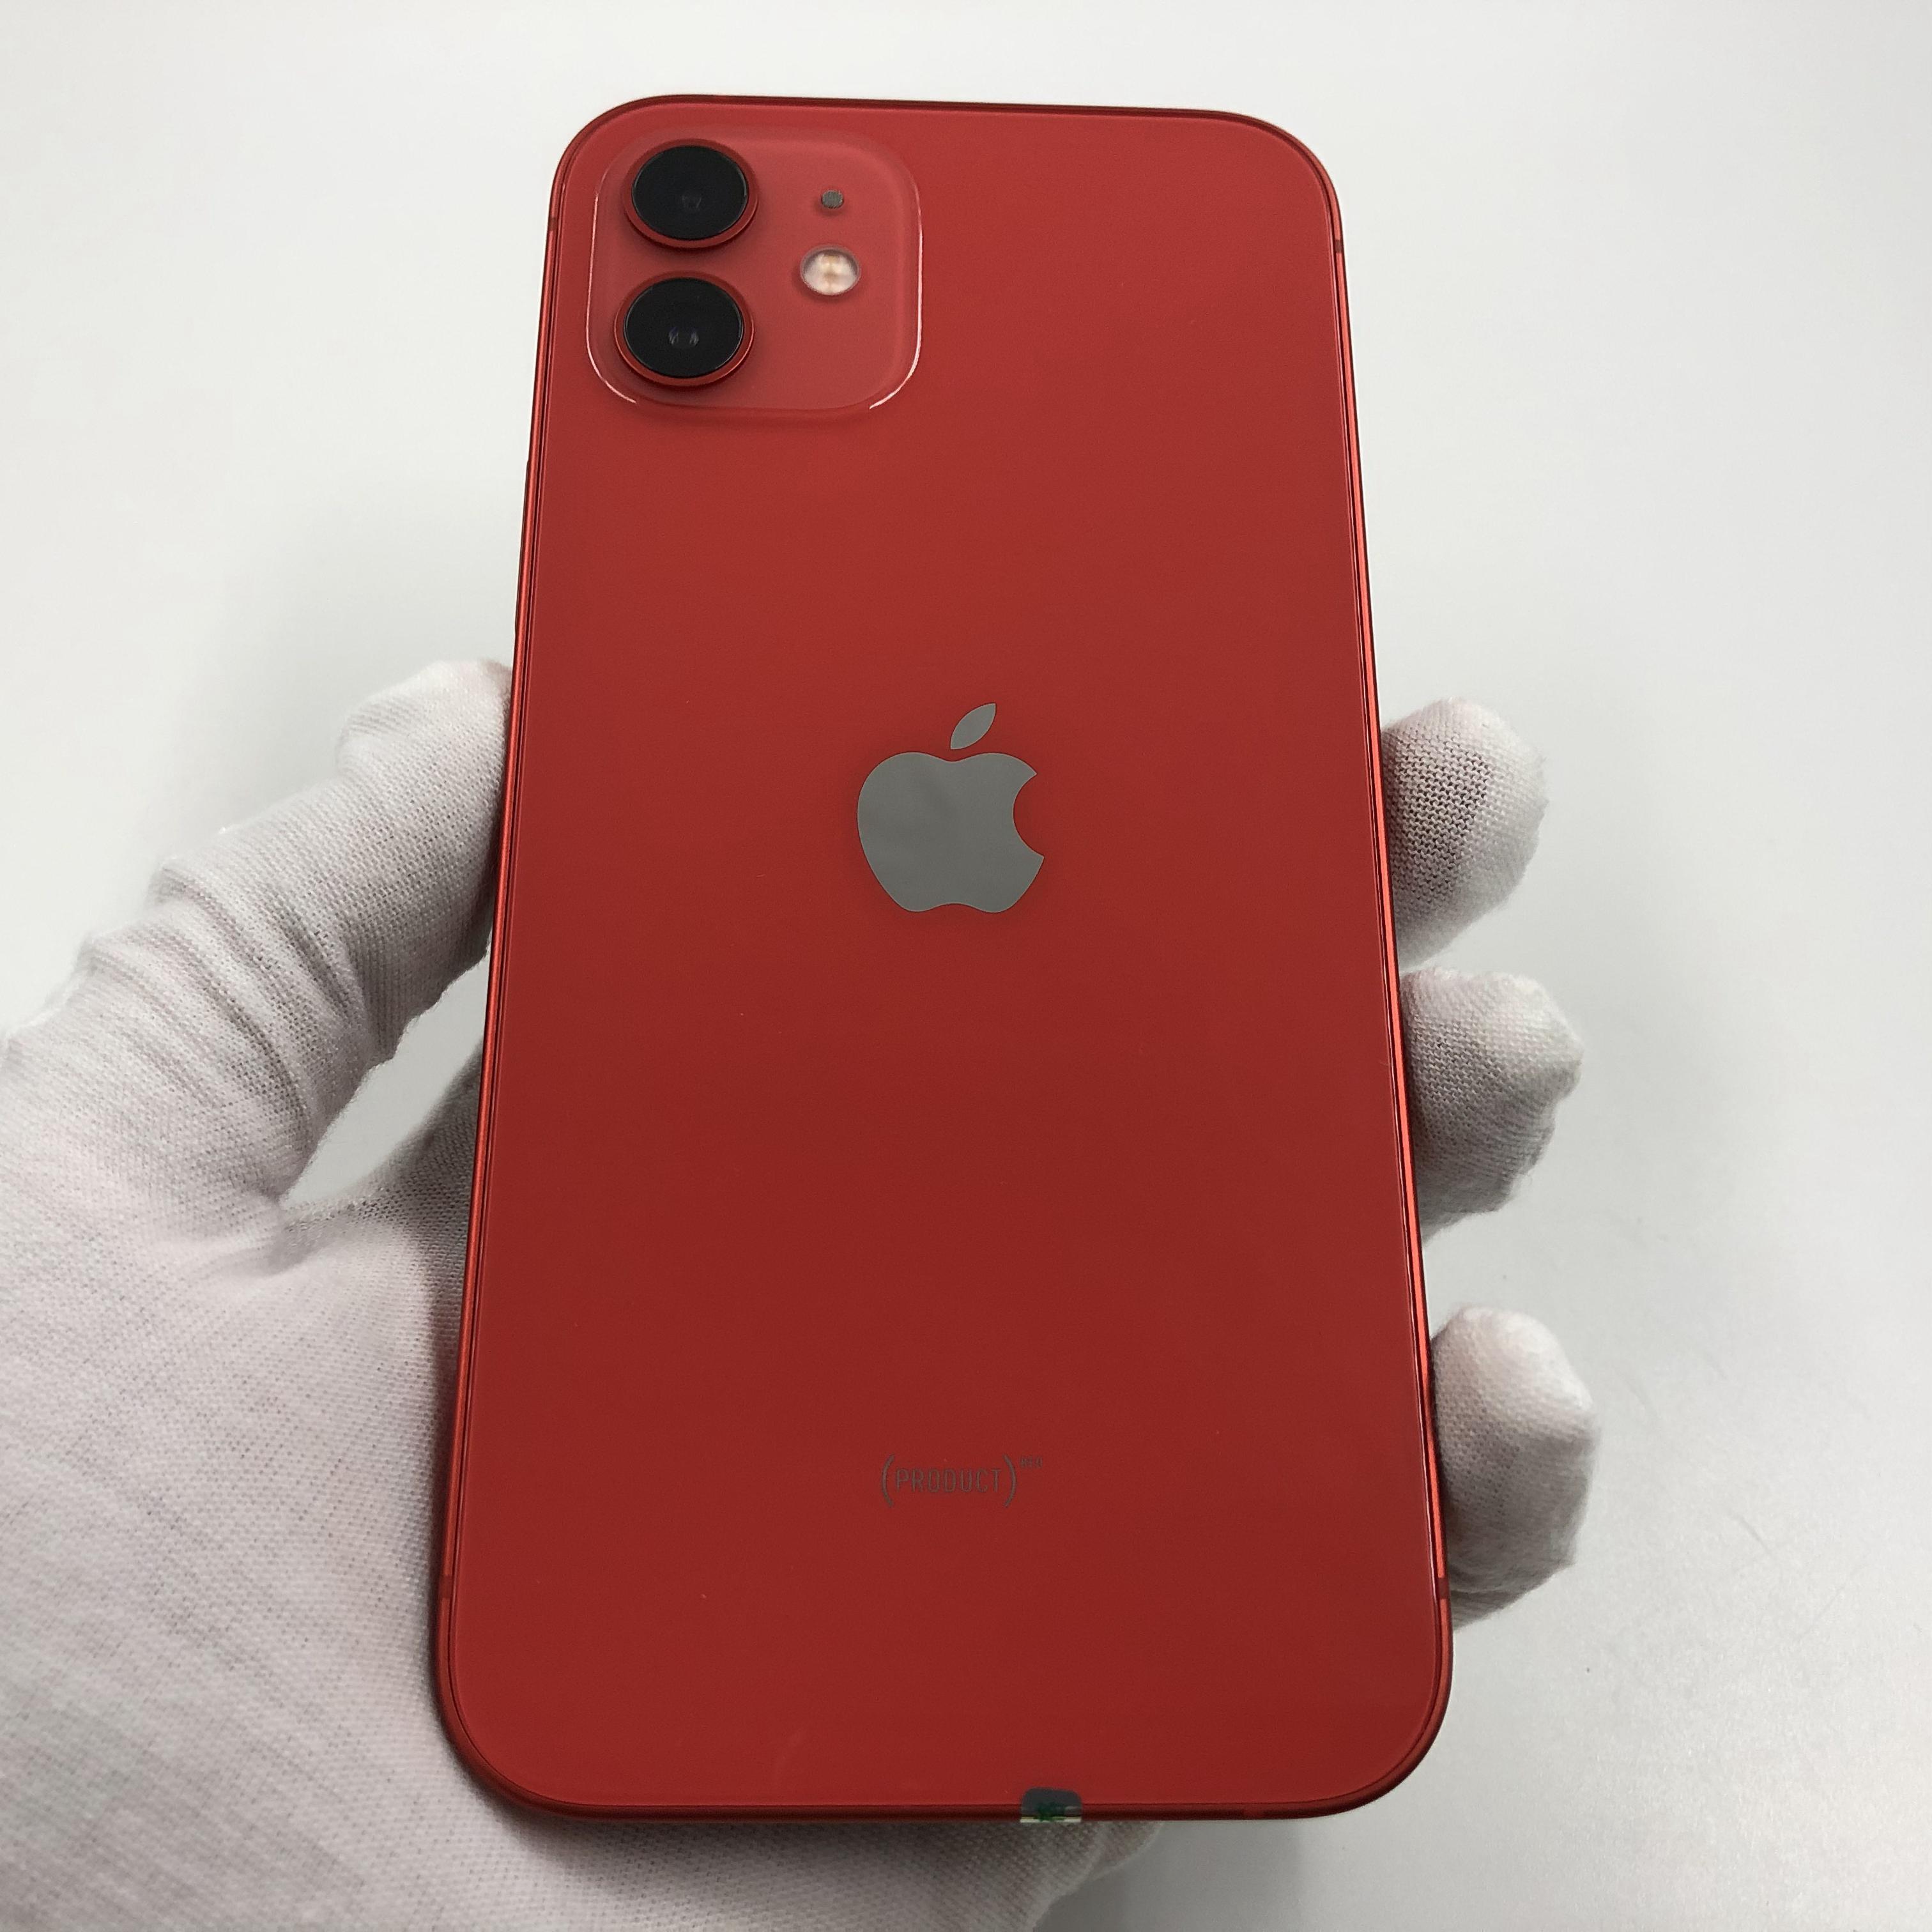 苹果【iPhone 12】5G全网通 红色 64G 国行 95新 真机实拍官保2022-05-29